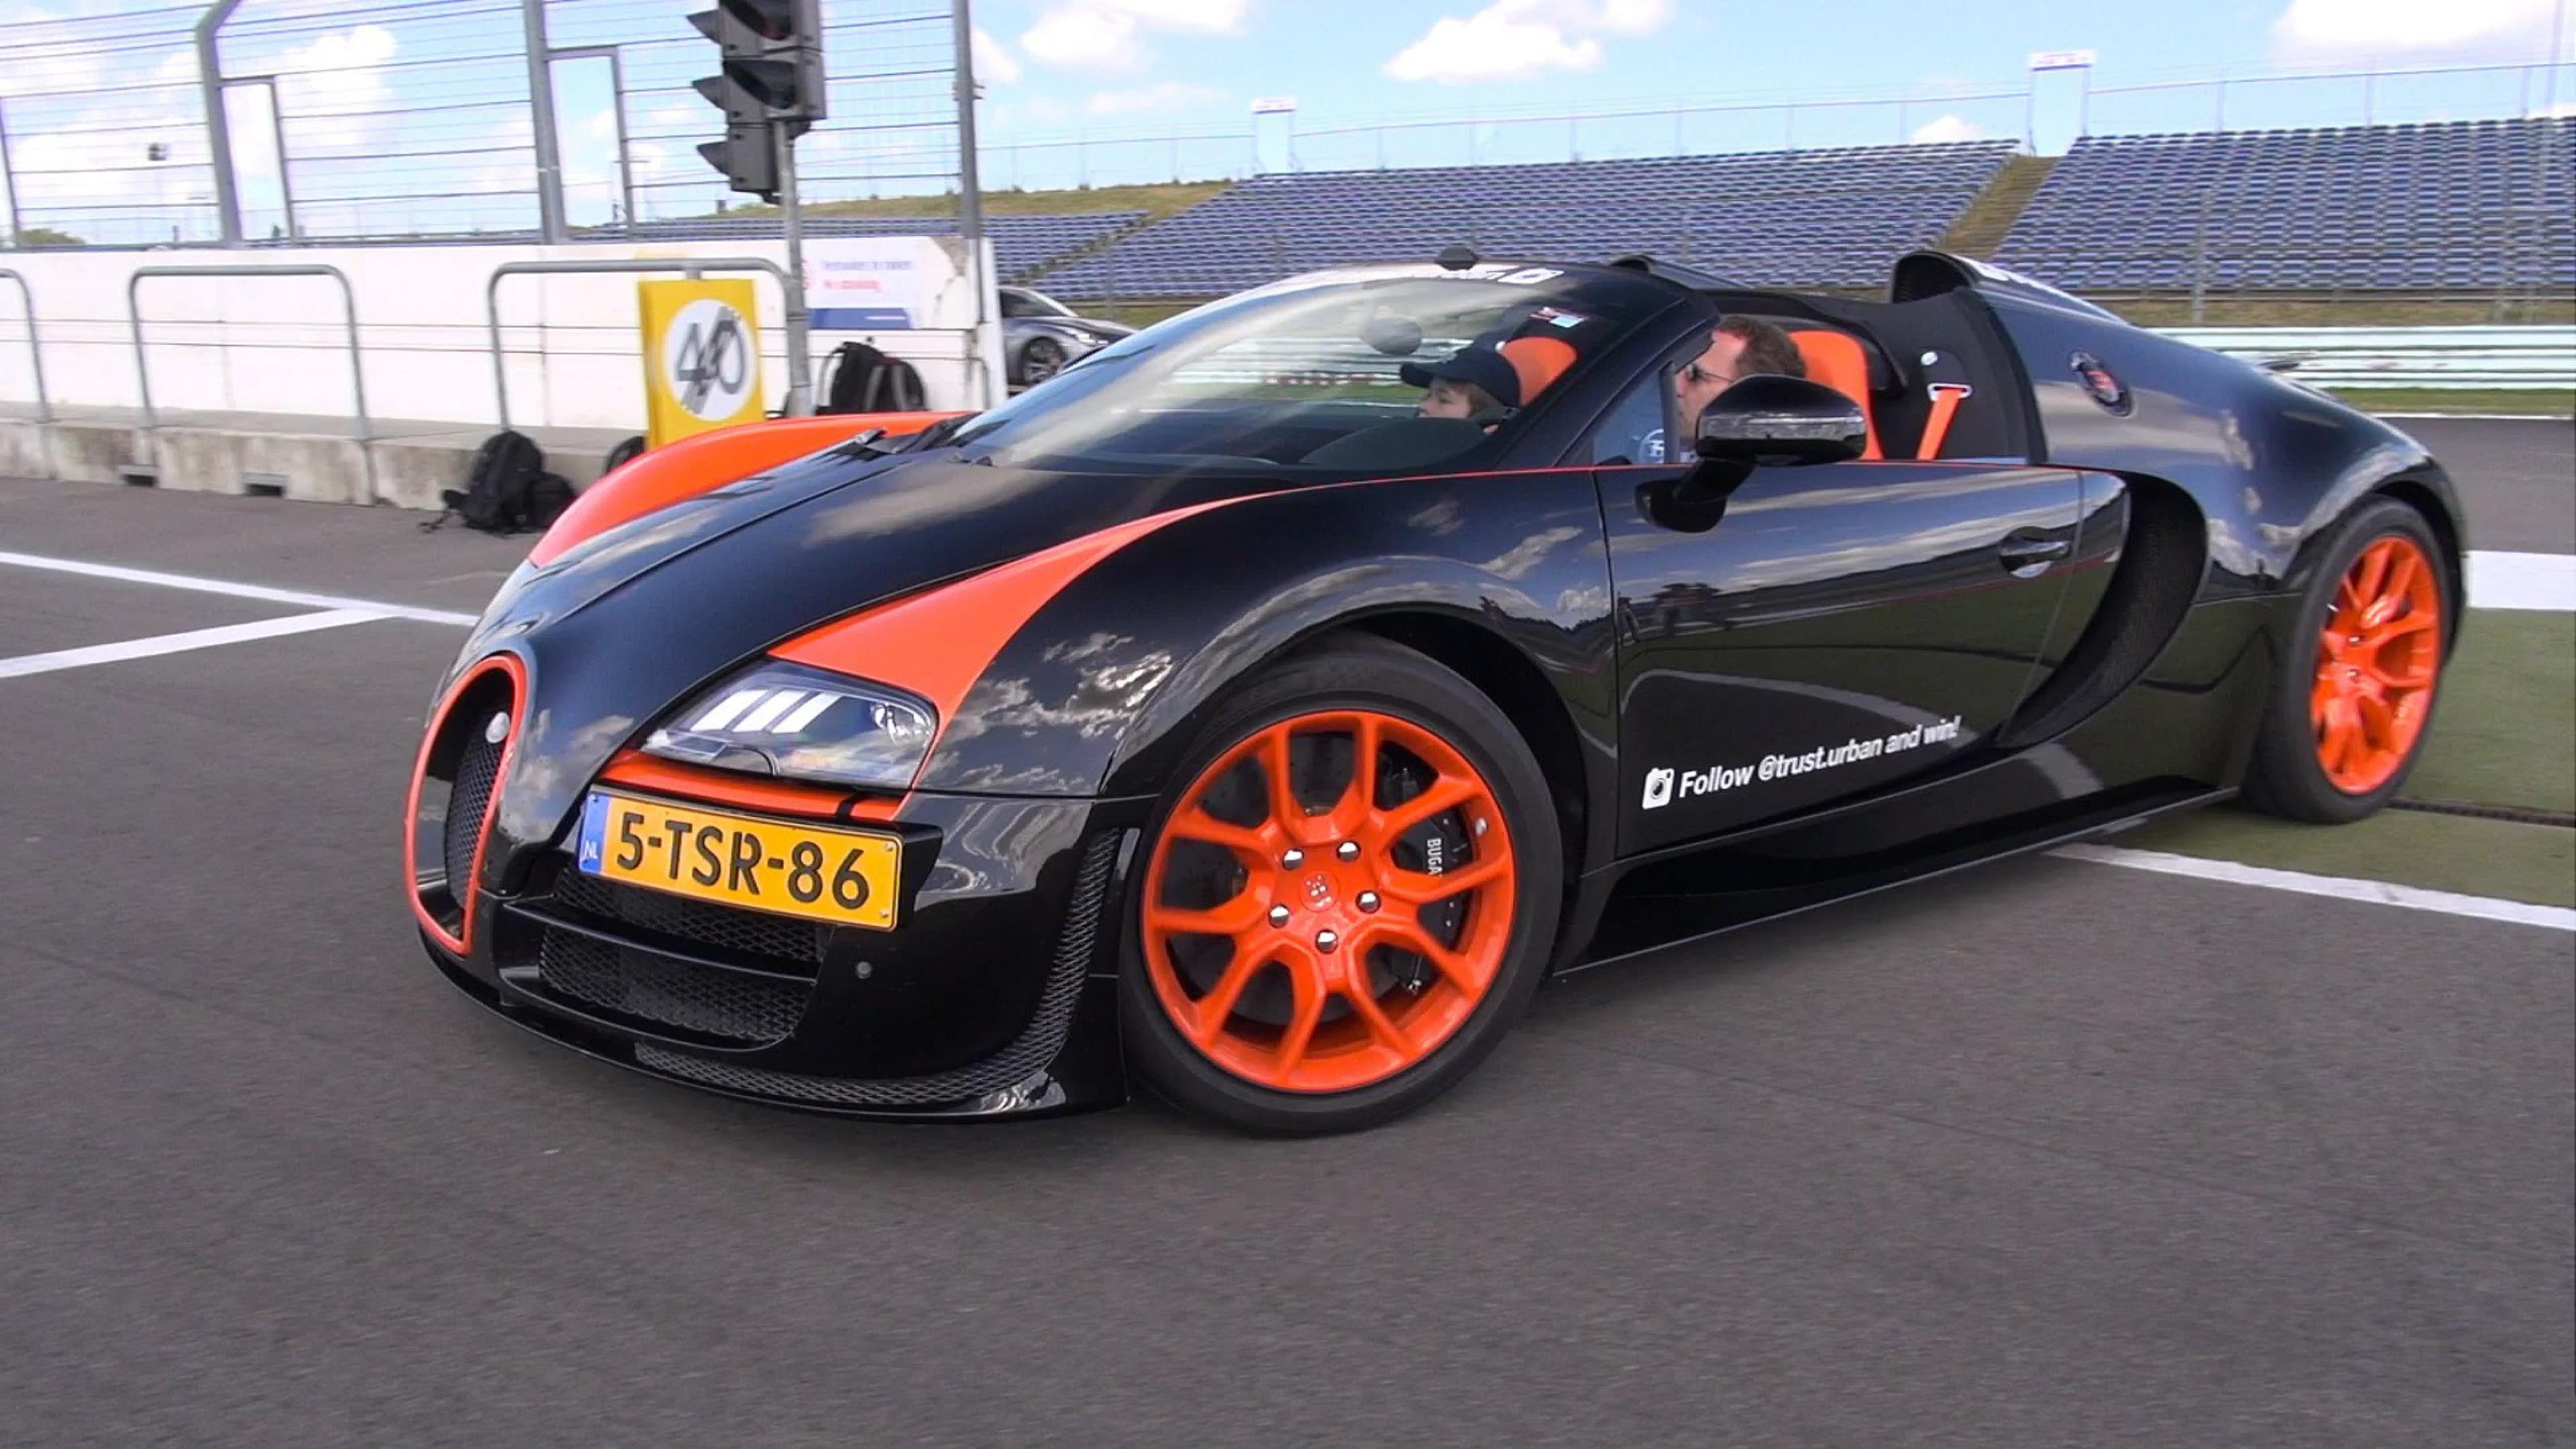 7e91b56e4fc2f353de77c1eabd6d989f Fabulous 2012 Bugatti Veyron Grand Sport Vitesse Specs Cars Trend